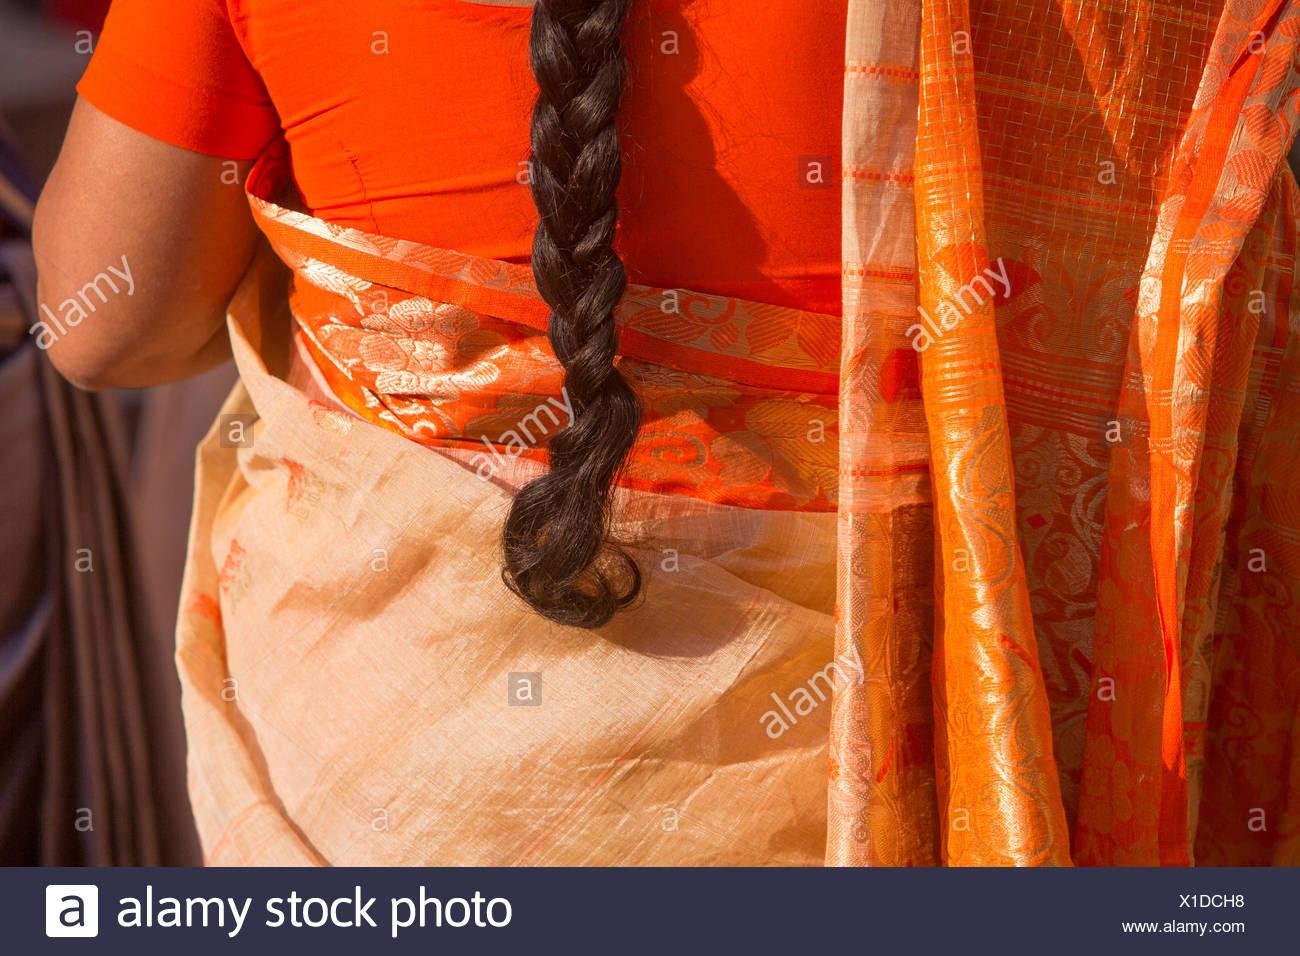 Indian, woman, women, India, sari, hair, detail, red, Asia, Rajasthan, - Stock Image